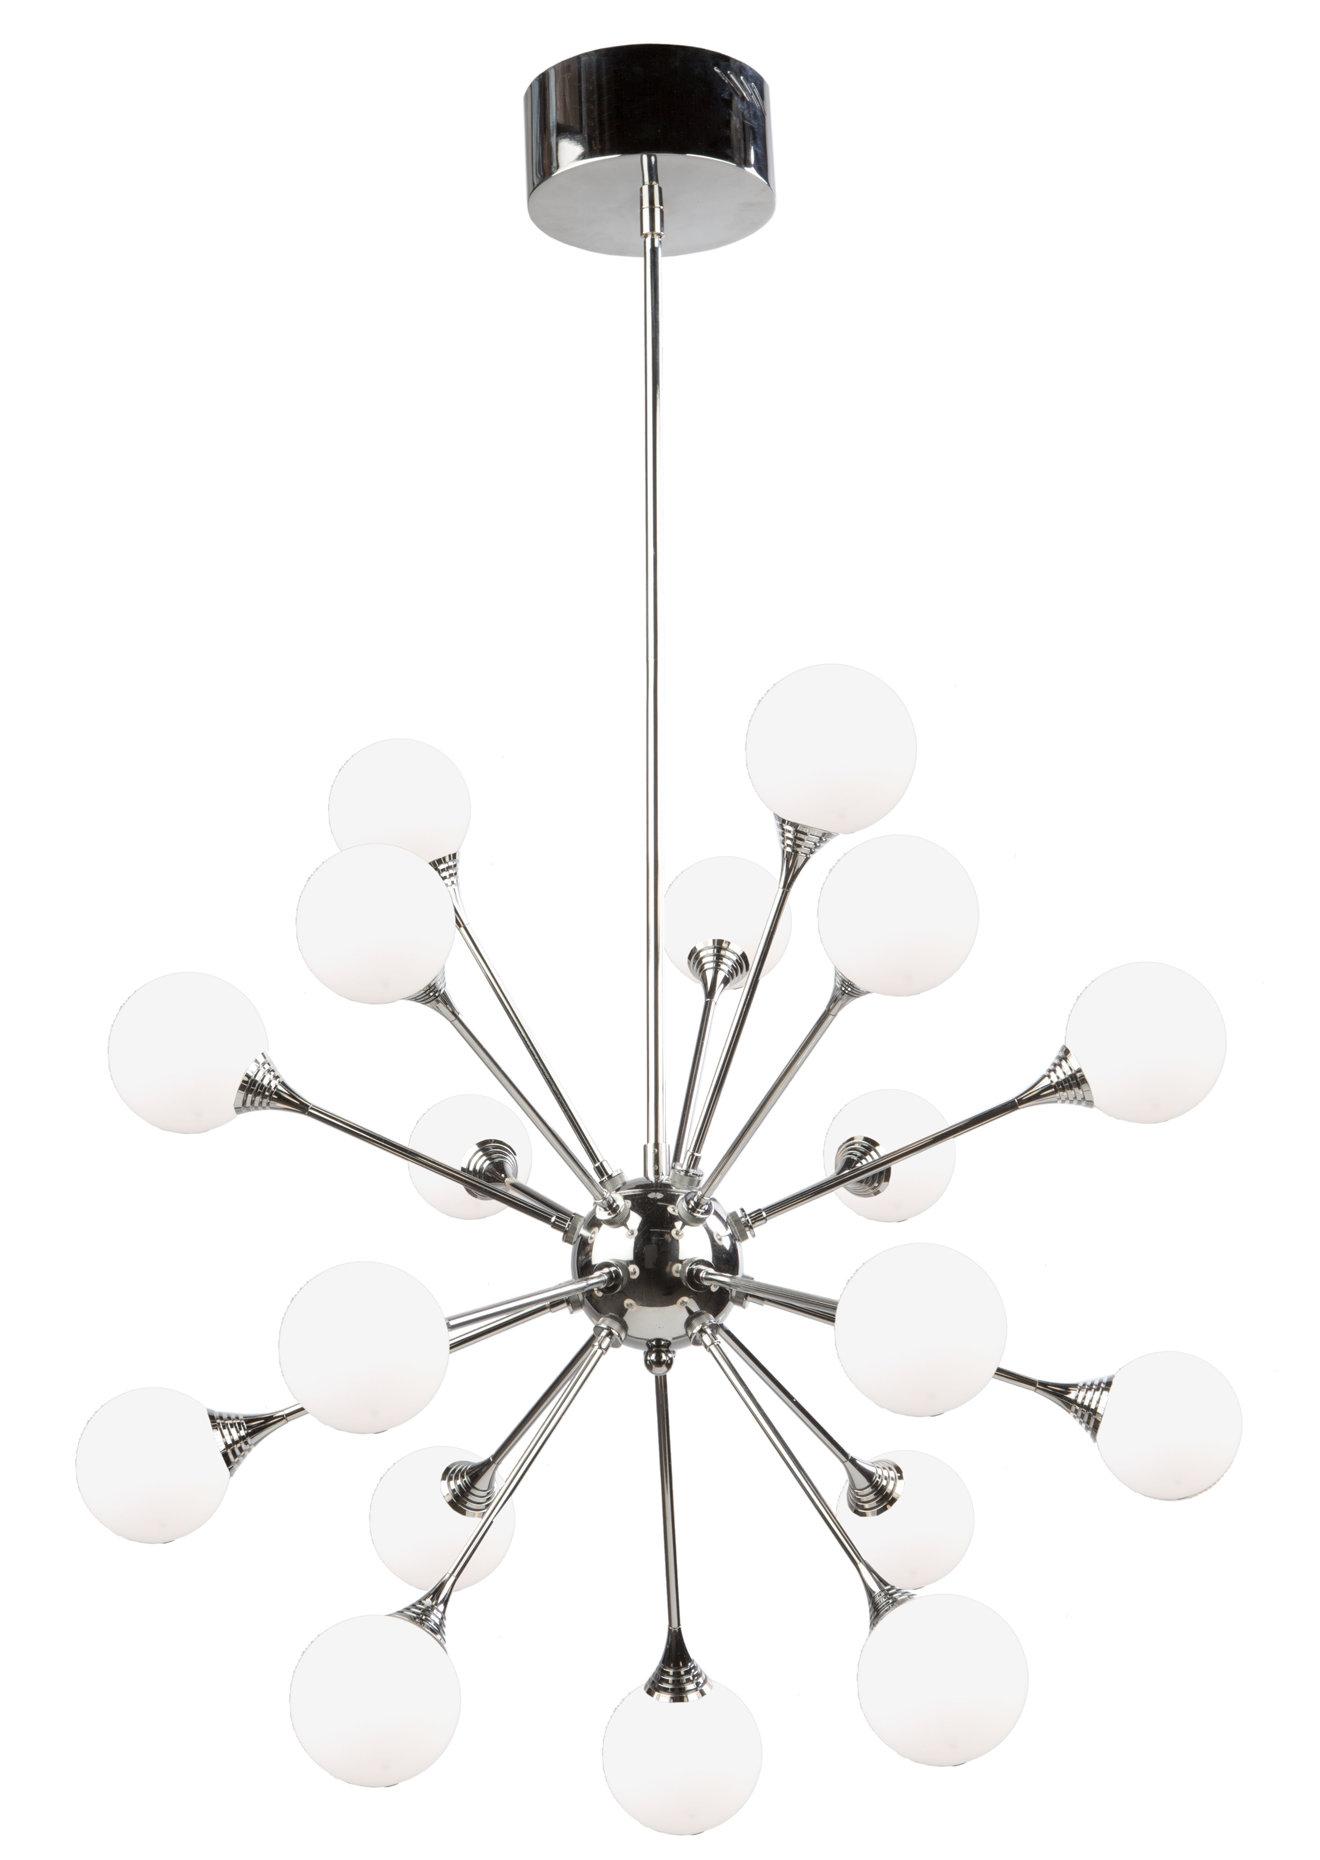 Luna 18-Light Led Sputnik Chandelier for Silvia 6-Light Sputnik Chandeliers (Image 15 of 30)